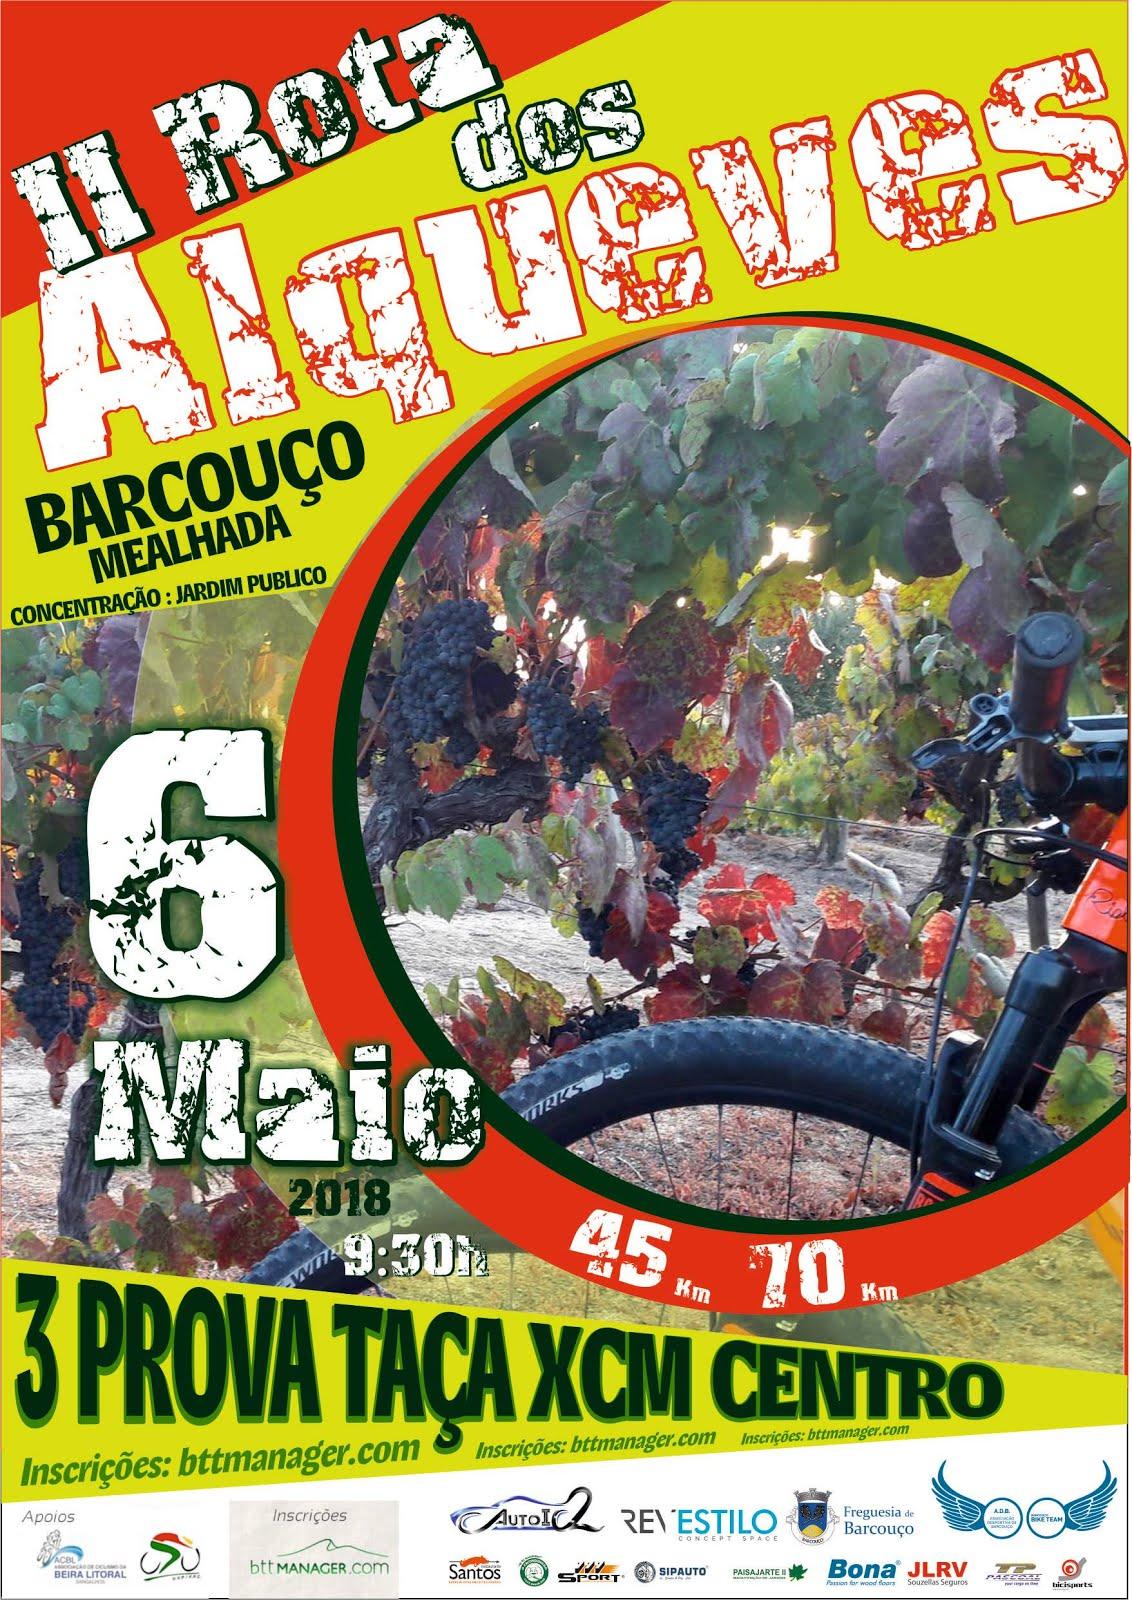 06MAI * BARCOUÇO - MEALHADA